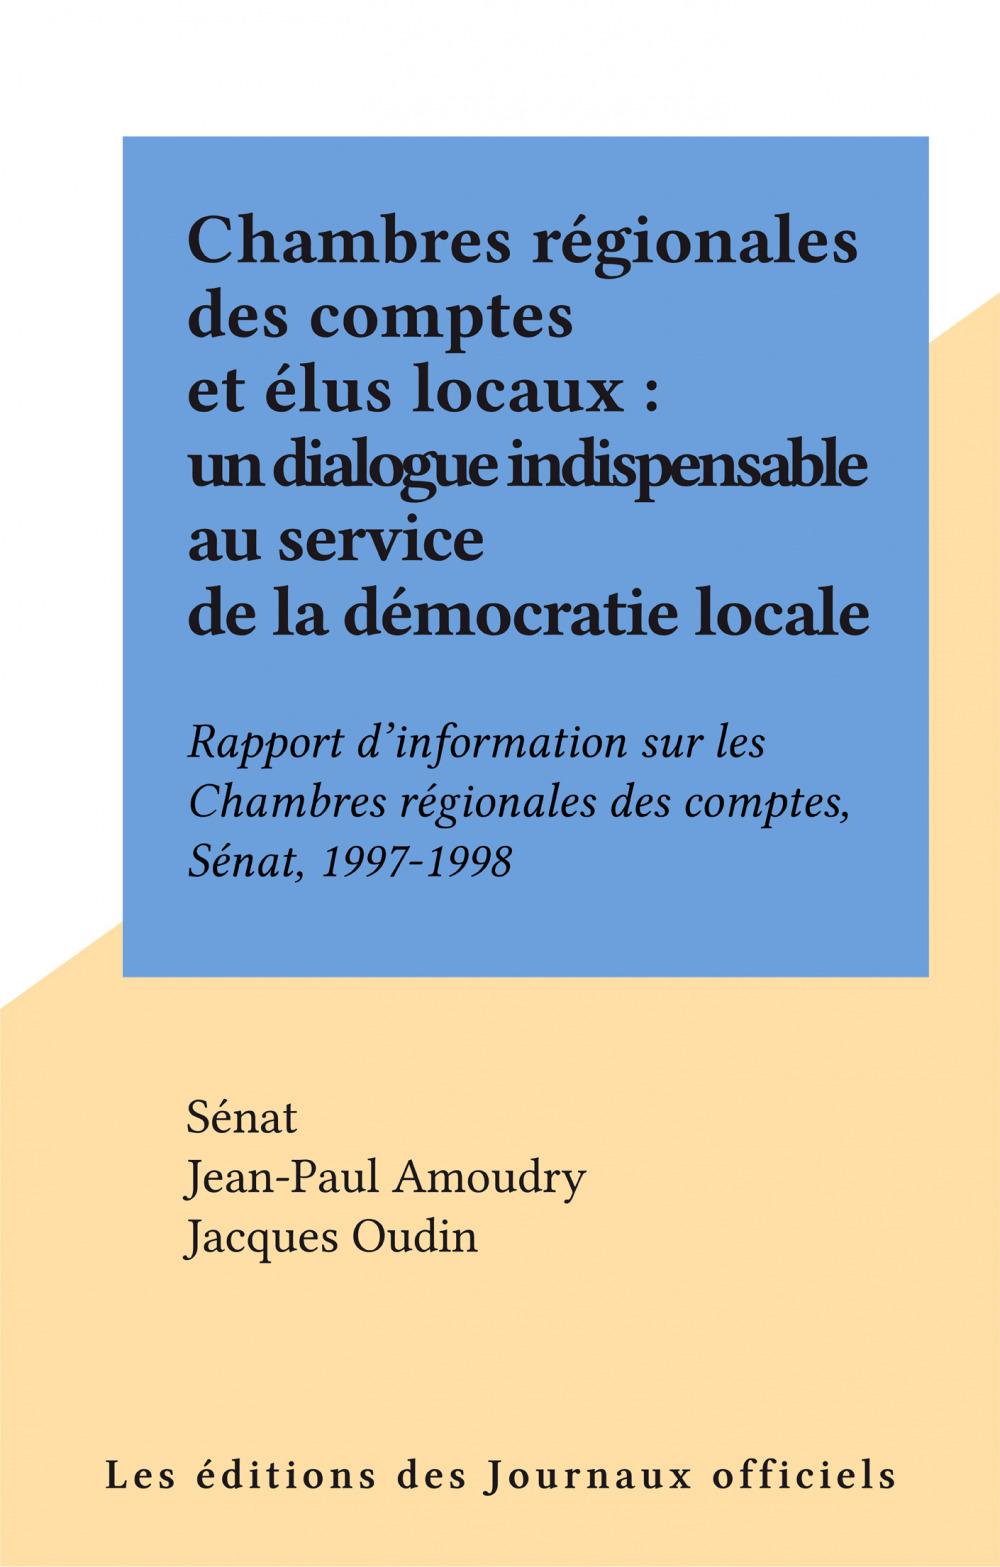 Chambres regionales des comptes et elus locaux : un dialogue indispensable au service de la democratie locale